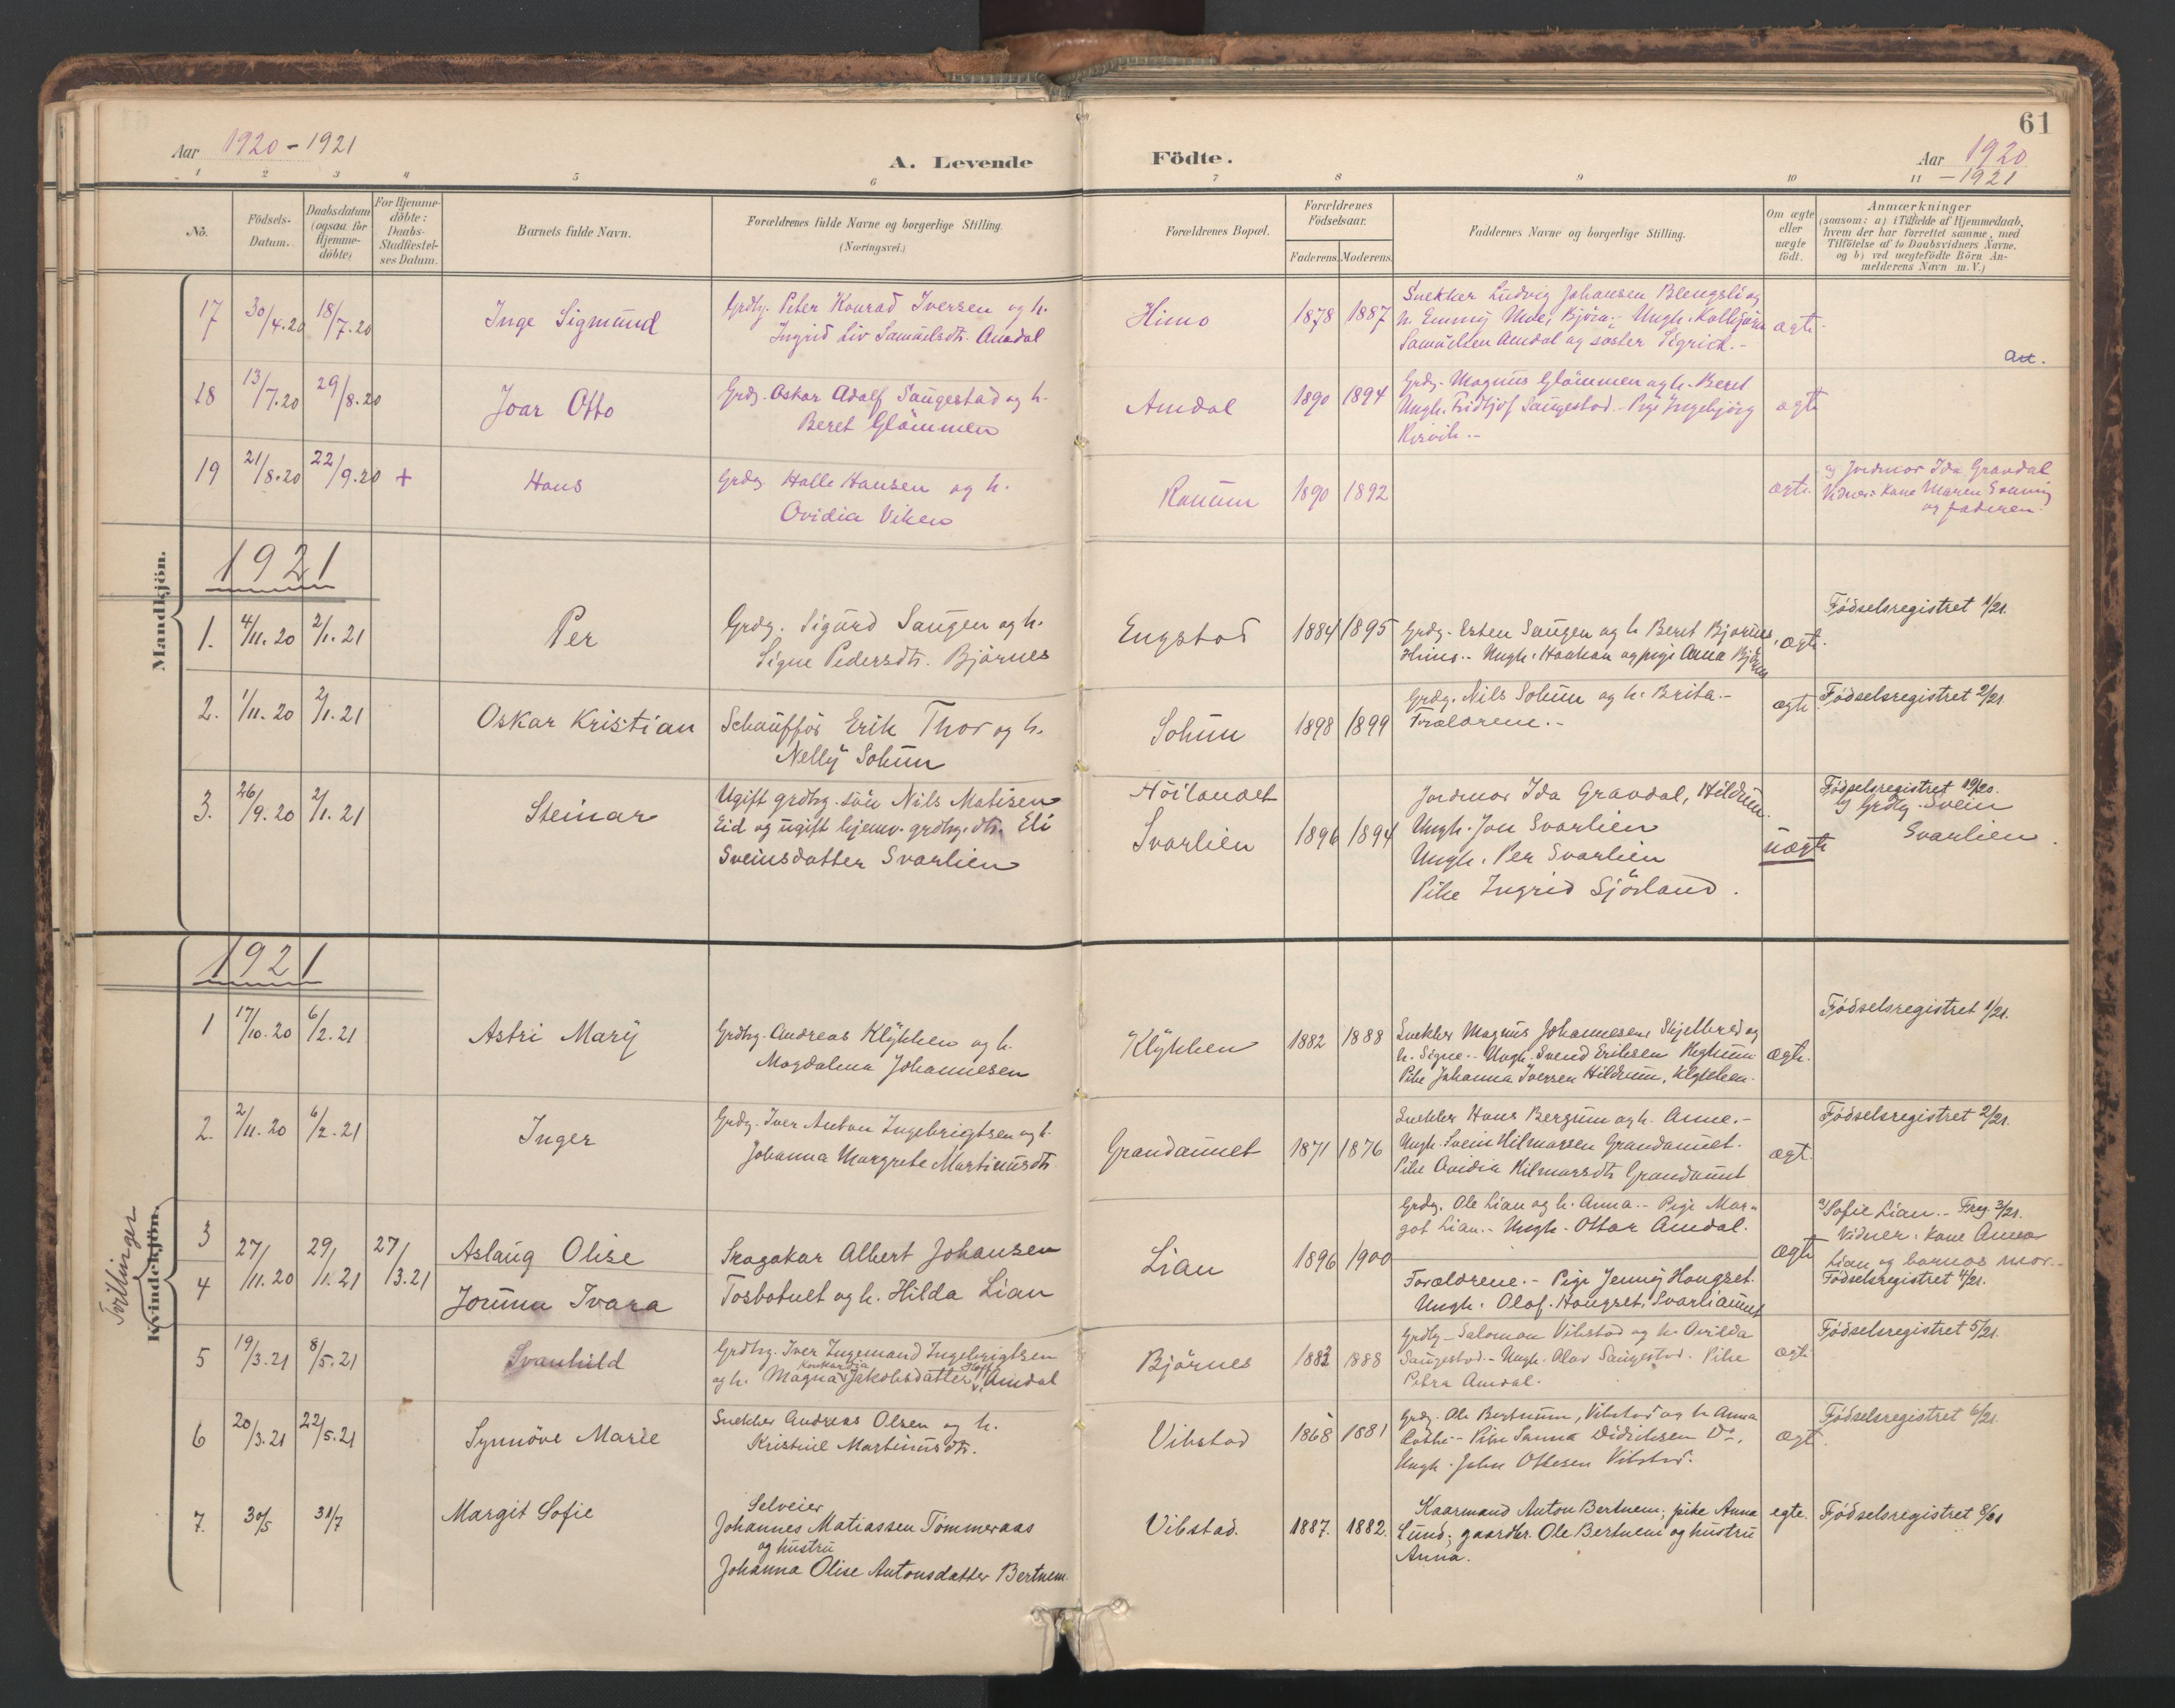 SAT, Ministerialprotokoller, klokkerbøker og fødselsregistre - Nord-Trøndelag, 764/L0556: Ministerialbok nr. 764A11, 1897-1924, s. 61